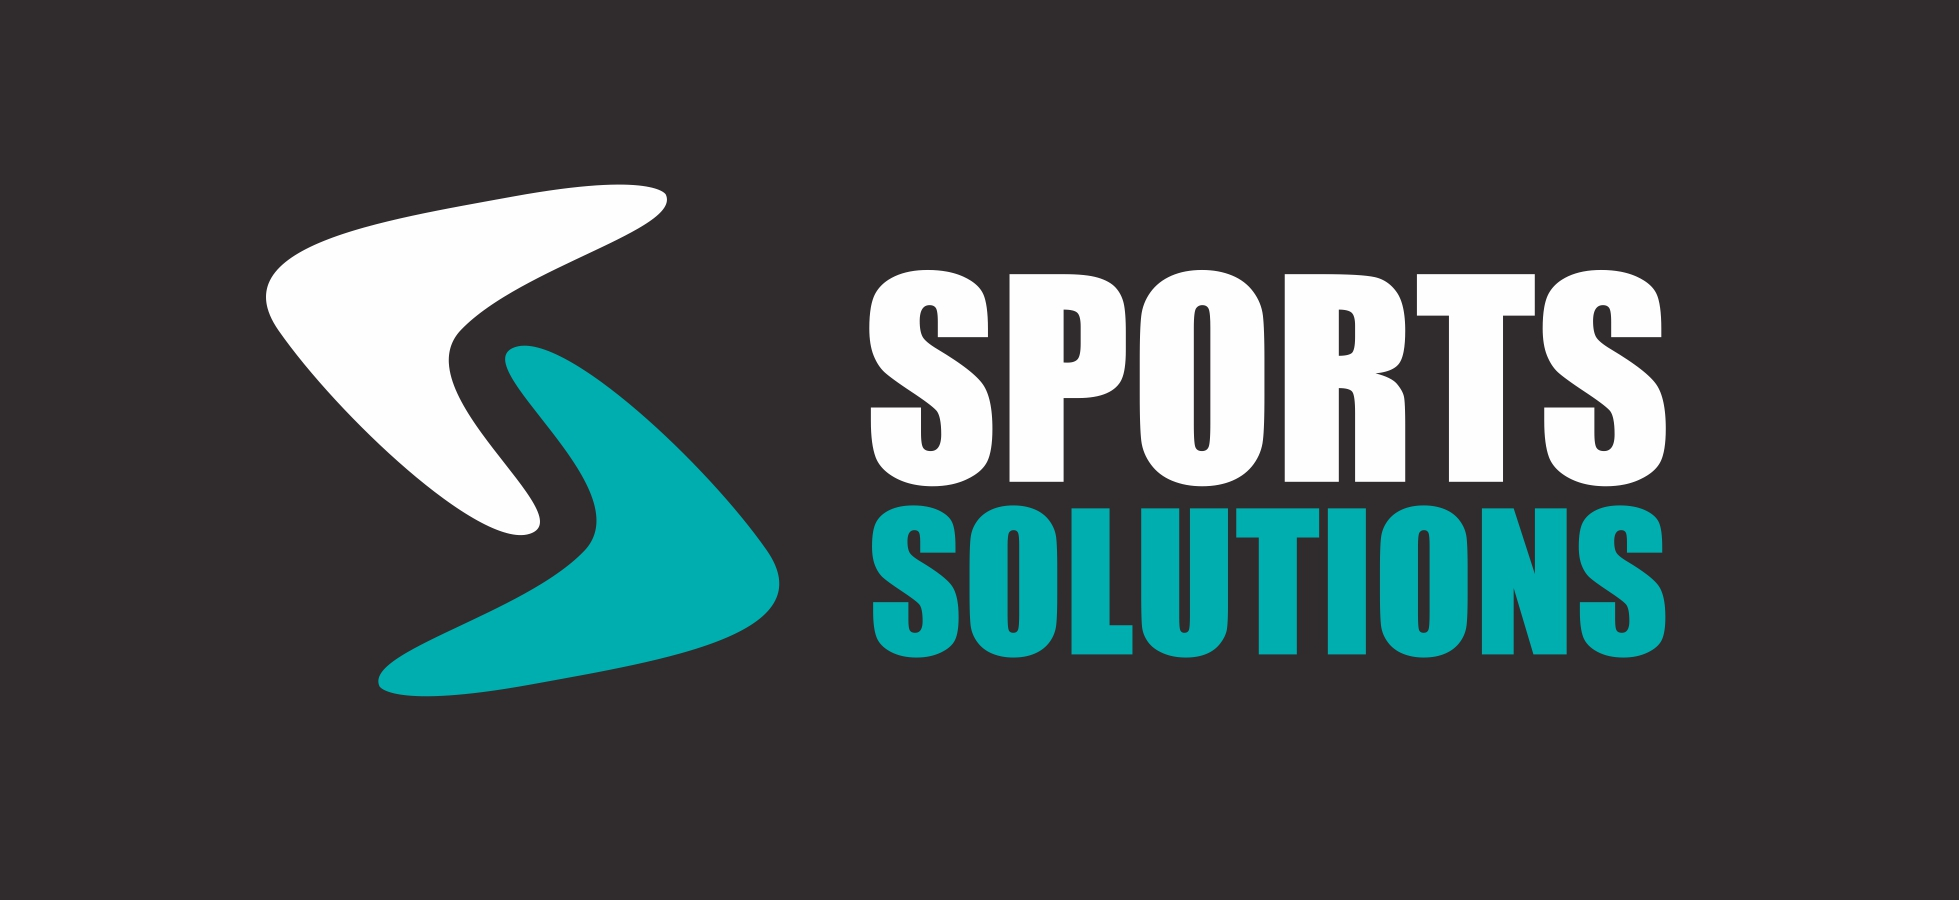 SportsSolutions-apaisado negativo